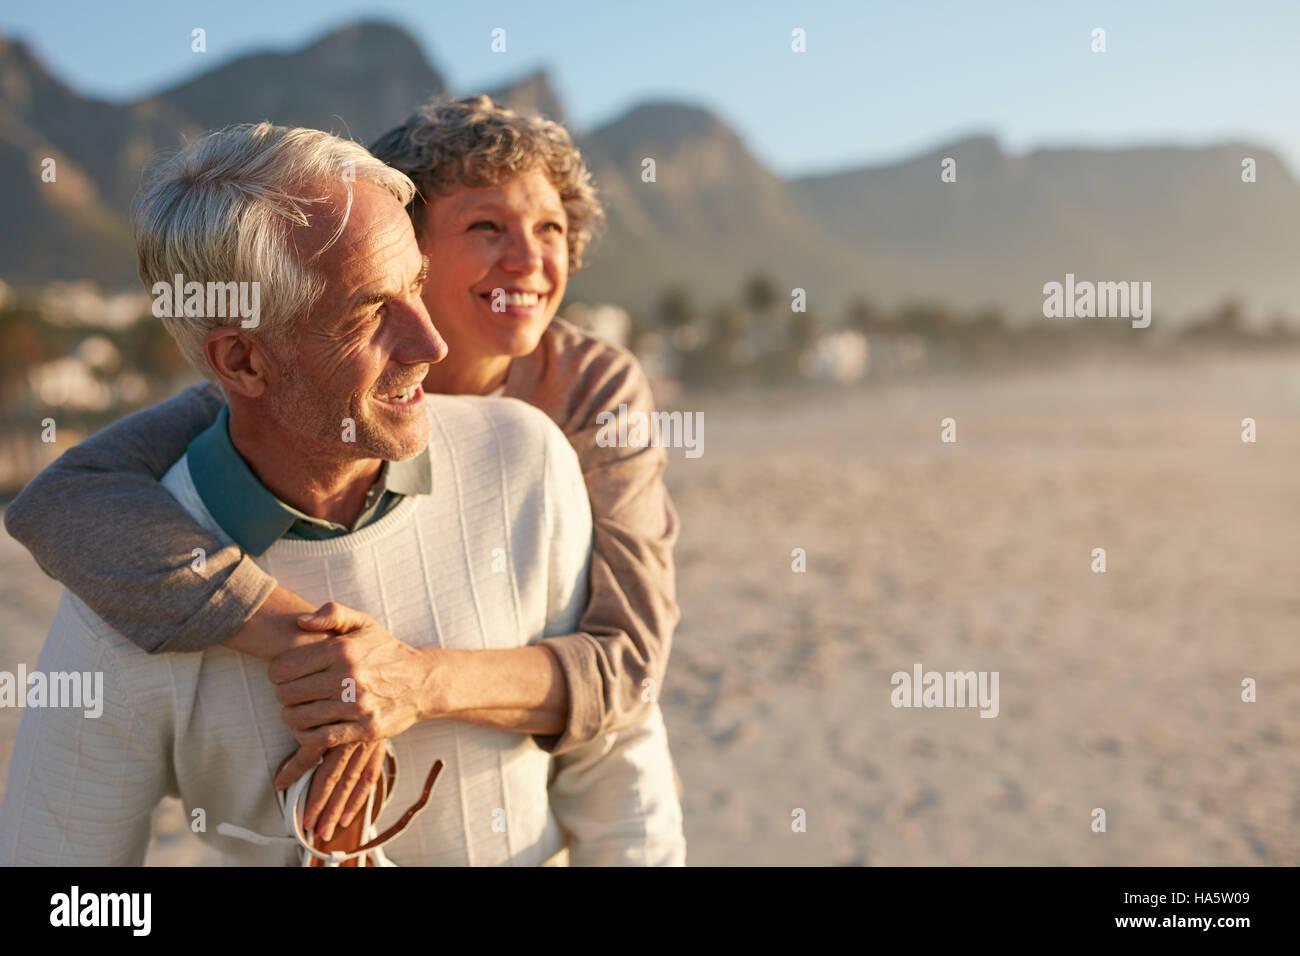 Porträt von glücklich reifer Mann mit seiner schönen Frau auf dem Rücken am Strand. Älteres Stockbild